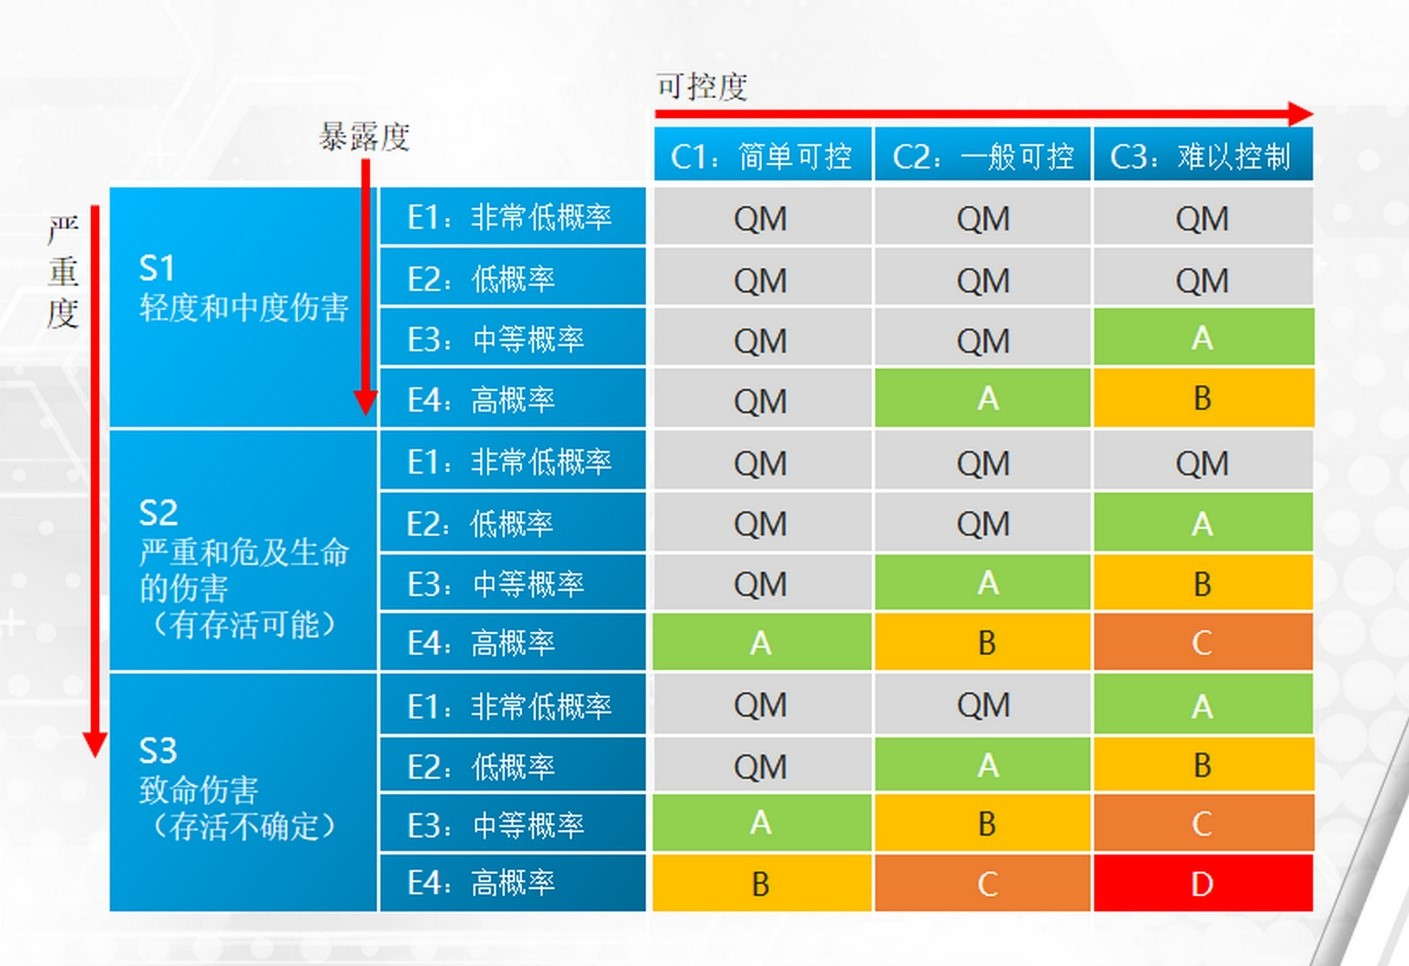 大V公开课| 电动安全一直强调的ASIL D是什么?